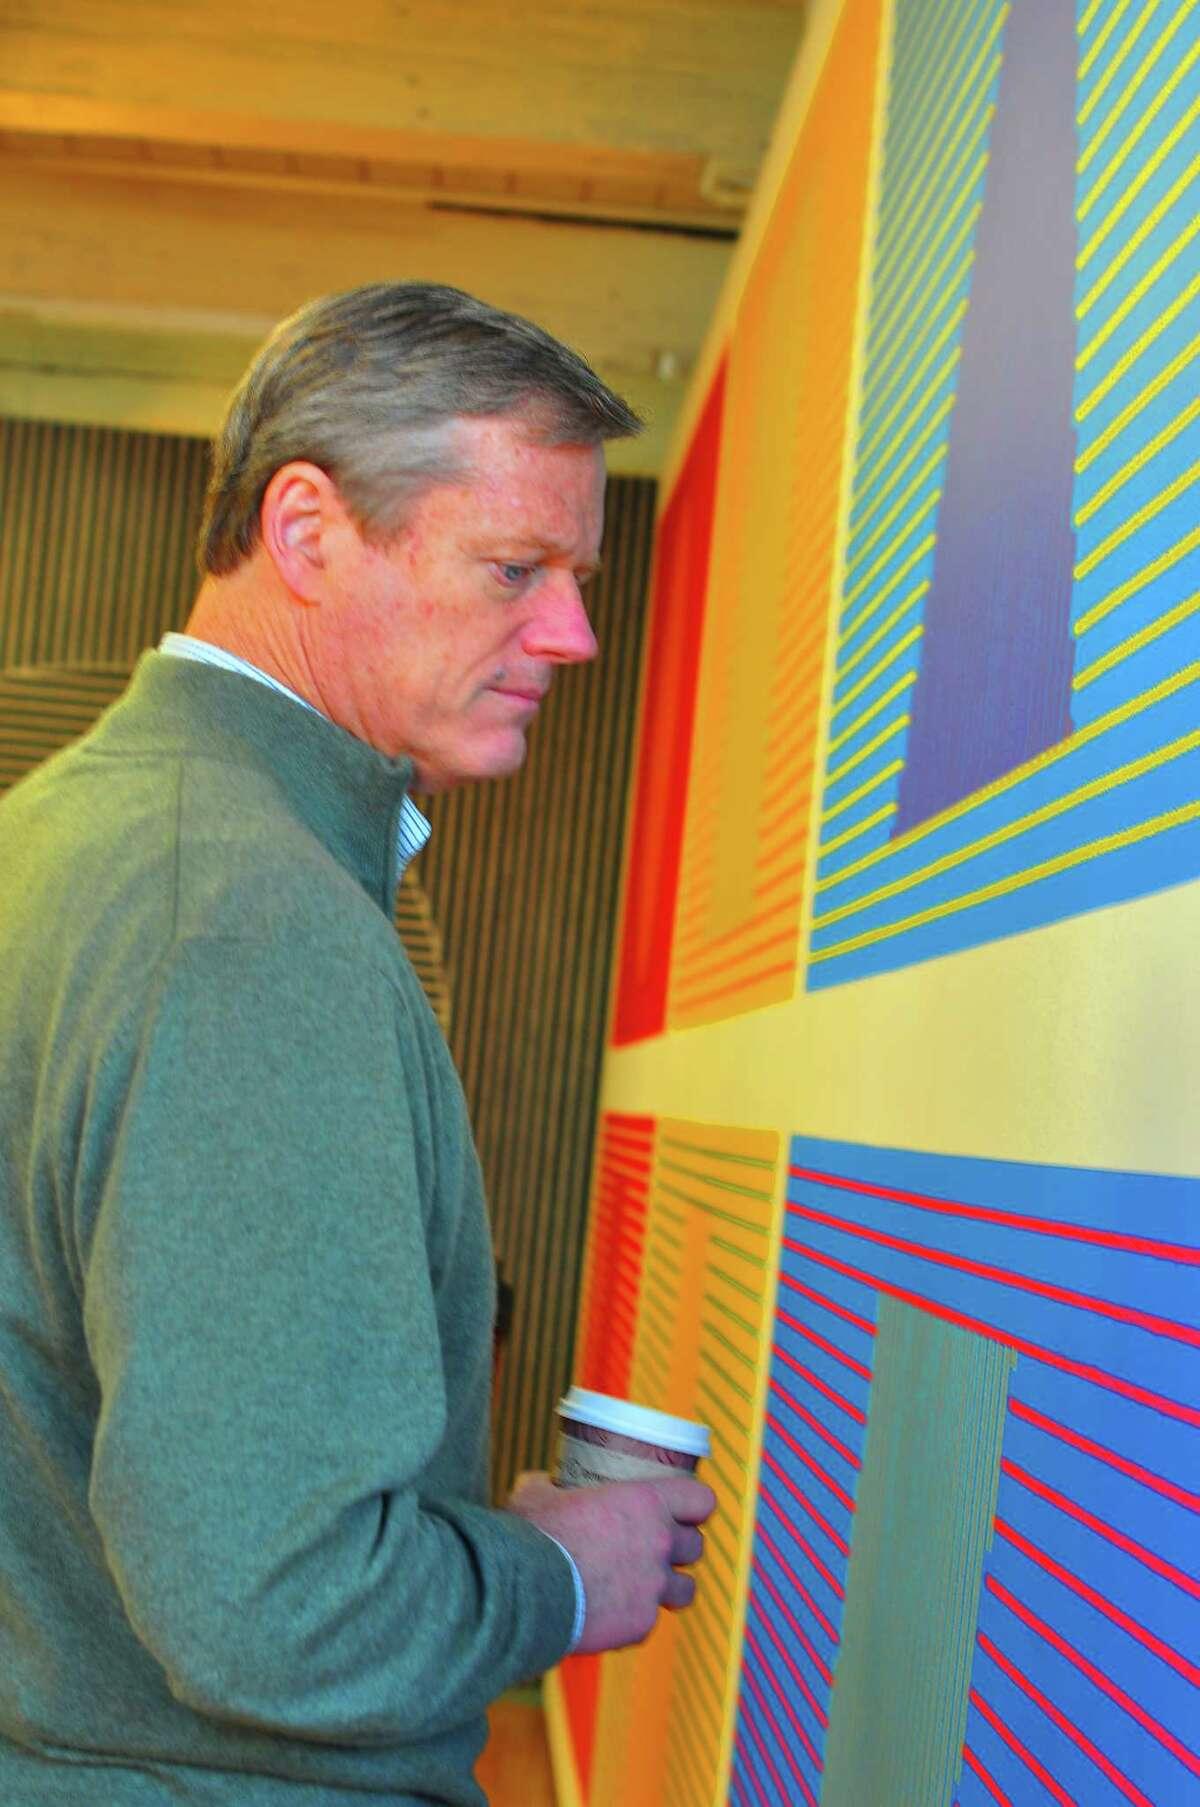 Massachusetts Gov. Charlie Baker looks at part of the exhibit